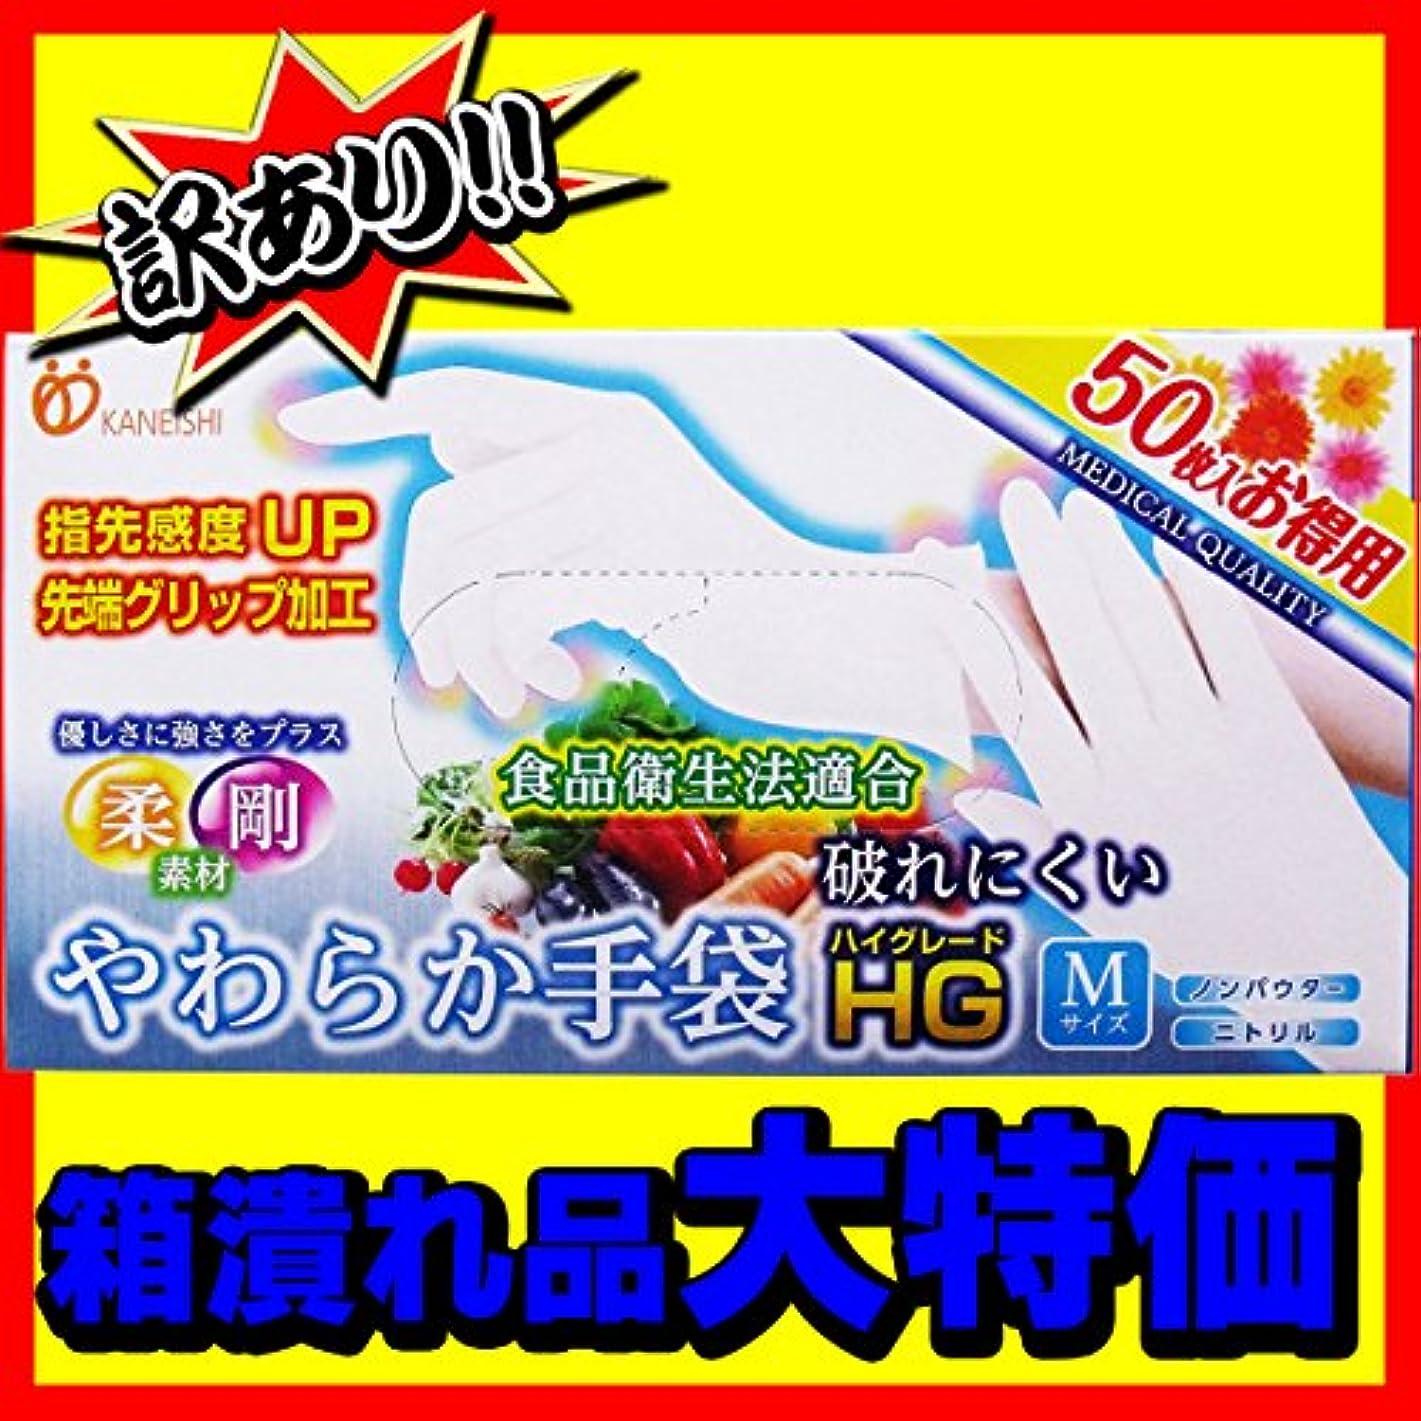 酸っぱい勃起痛み【訳あり】 やわらか手袋HG(ハイグレード) 二トリル手袋 パウダーフリー Mサイズ50枚入×2個セット